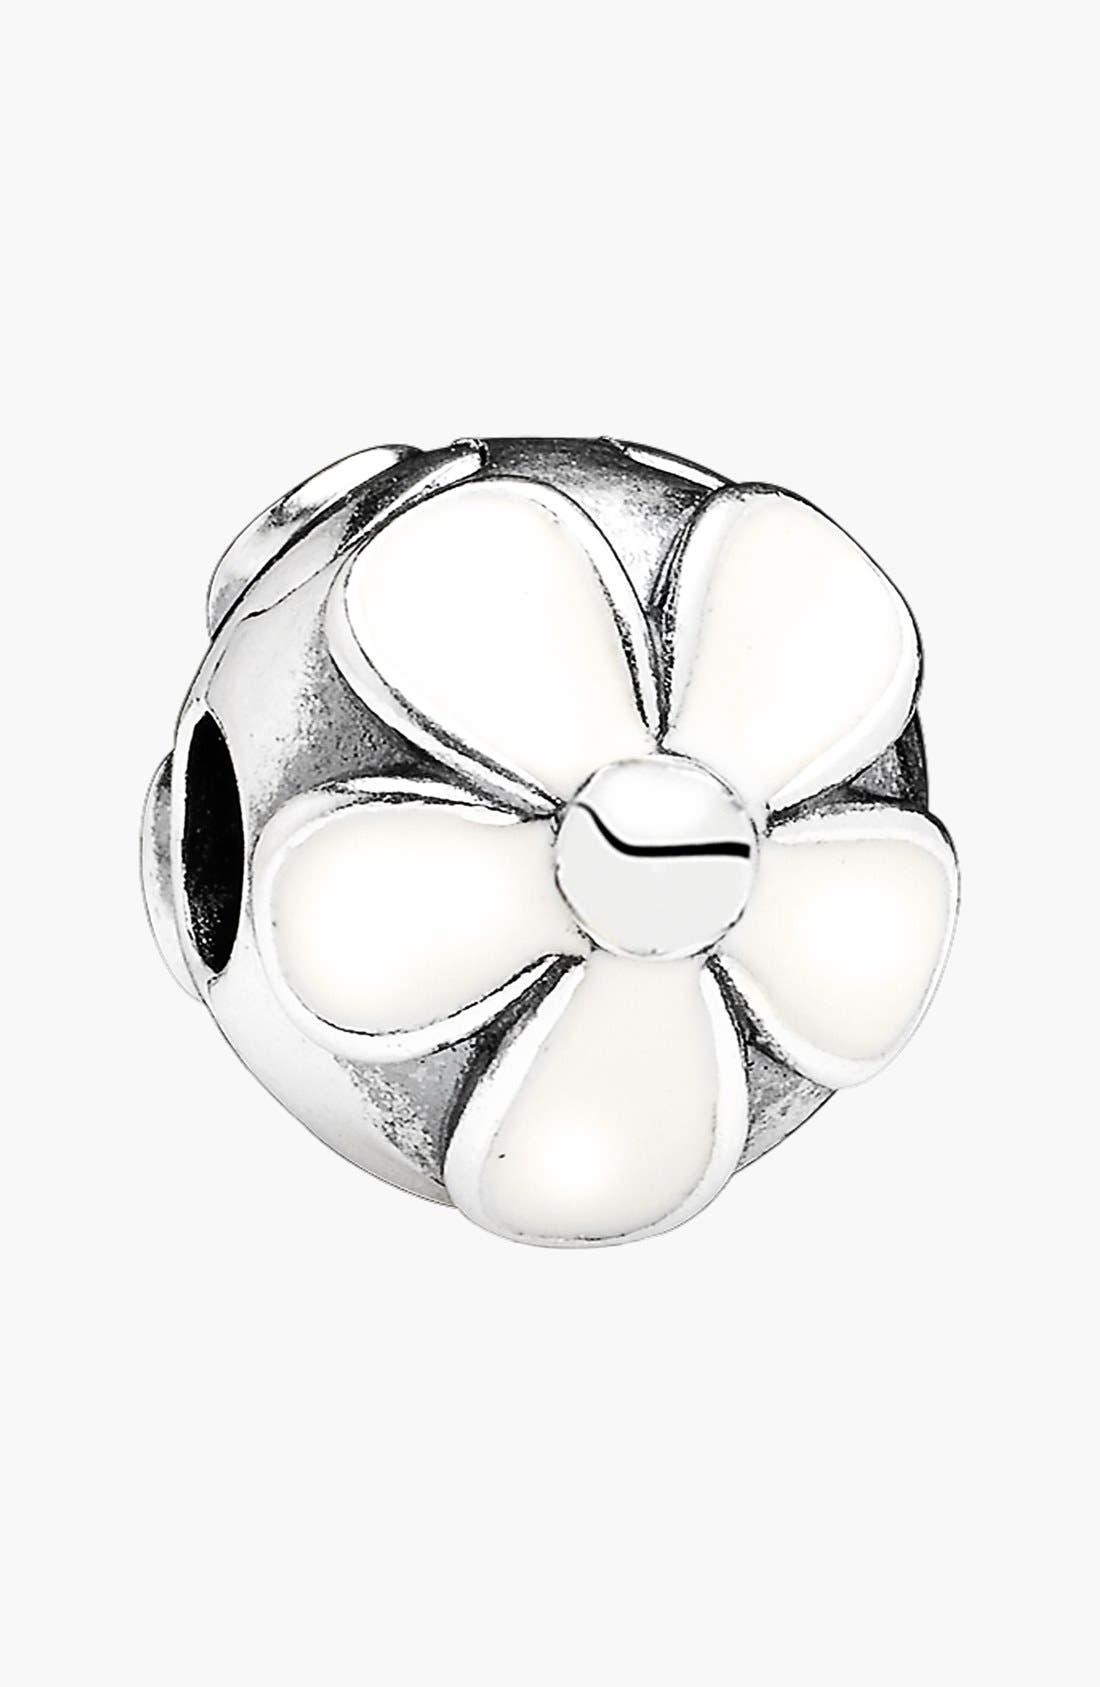 Main Image - PANDORA 'Darling Daisies' Clip Charm